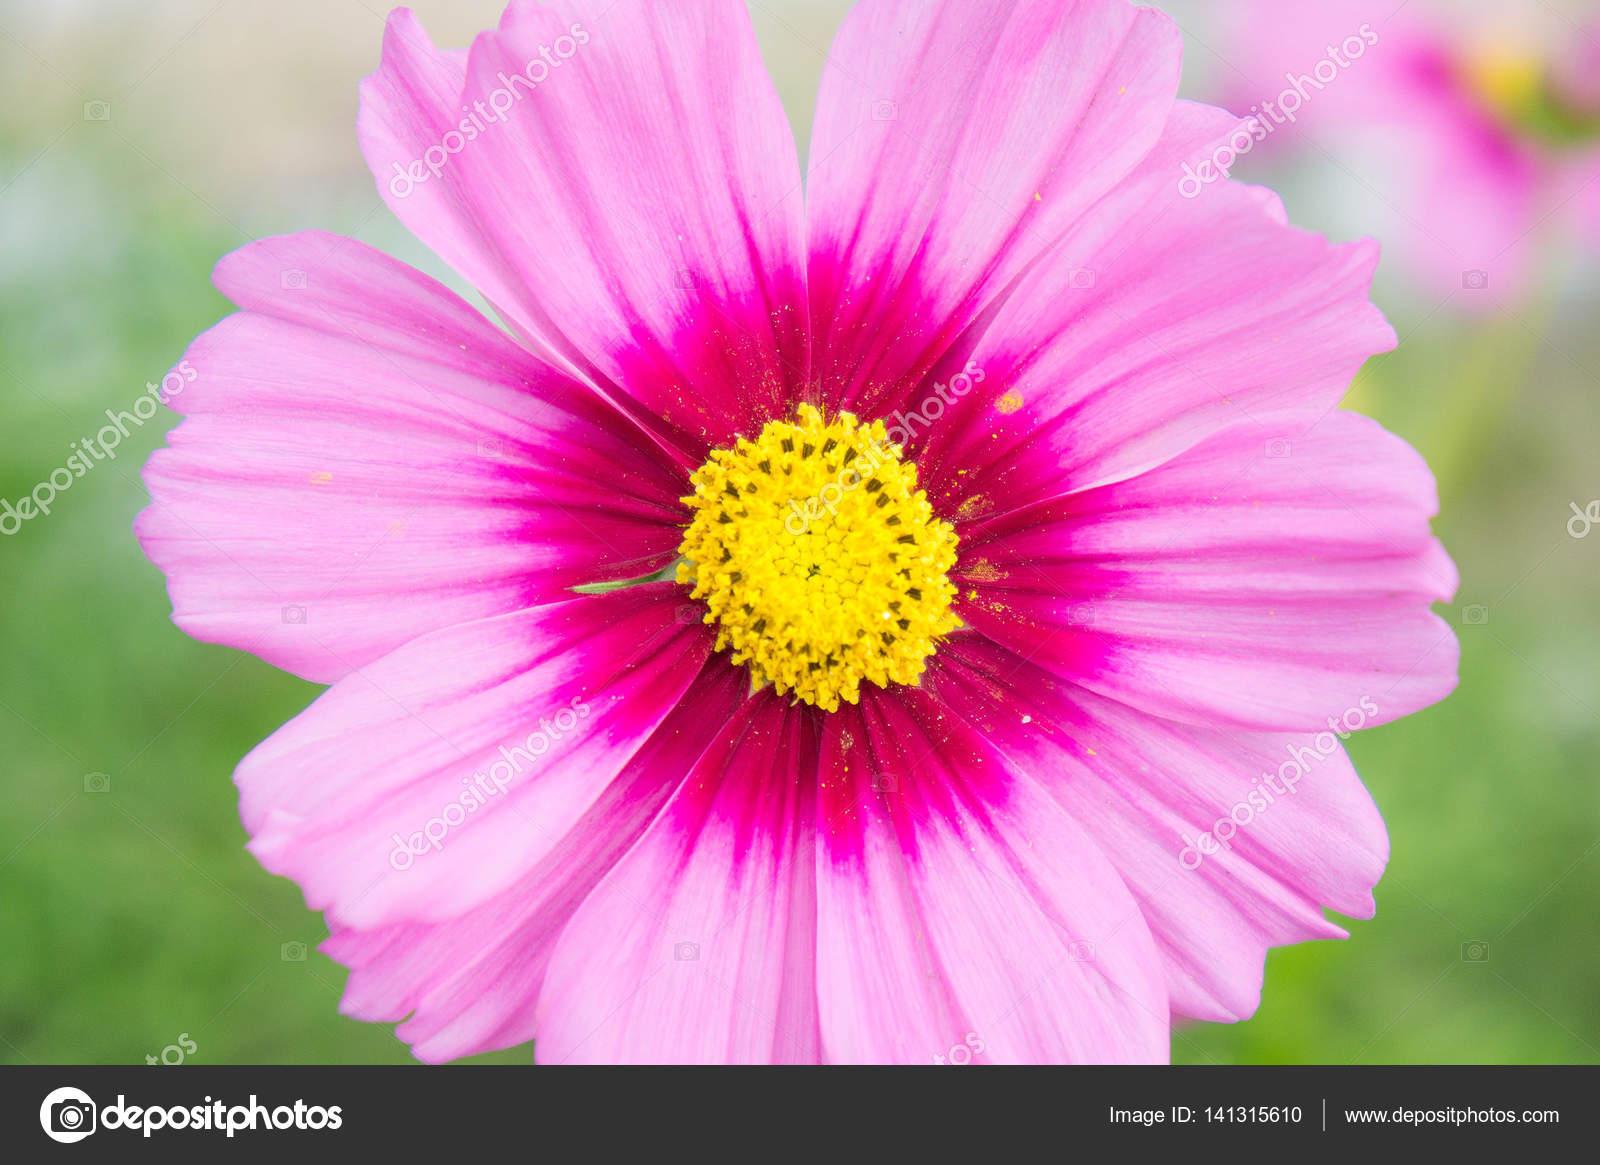 Baixar Imagens Bonitas: Flores No Parque, Close-up De Flores Bonitas E Hal